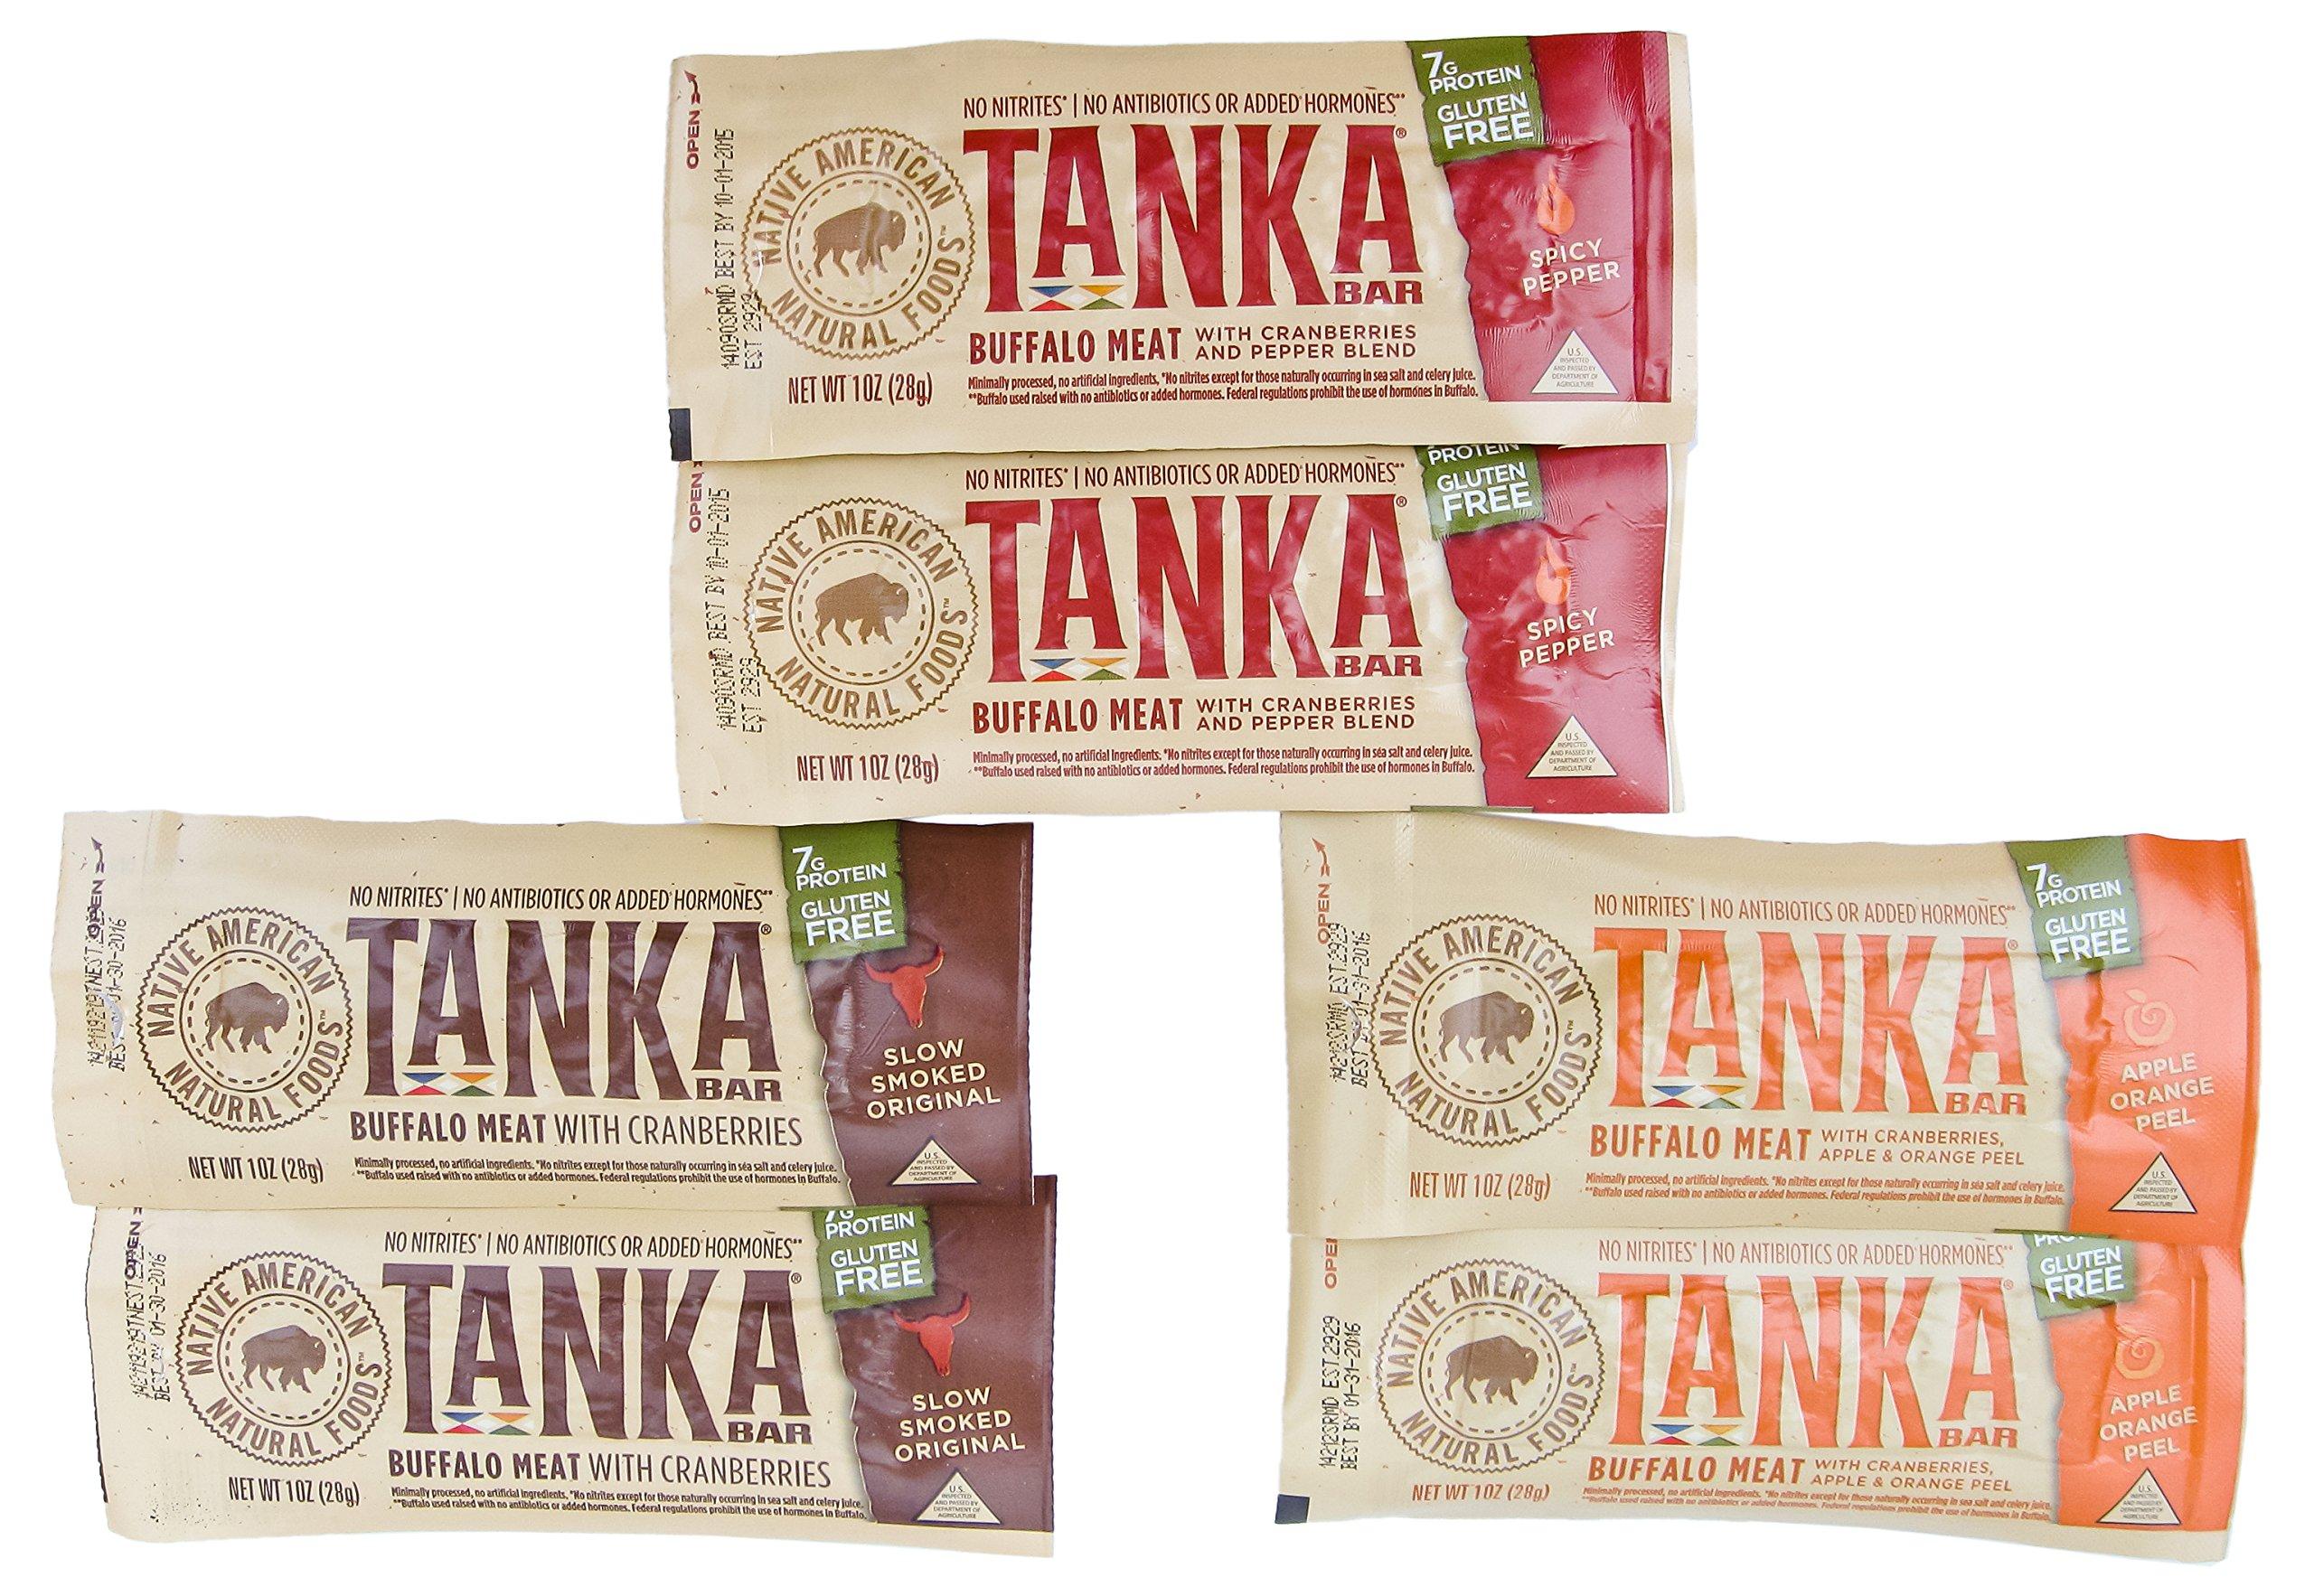 Tanka Natural Buffalo Bar Variety Pack 1 oz Pack of 6